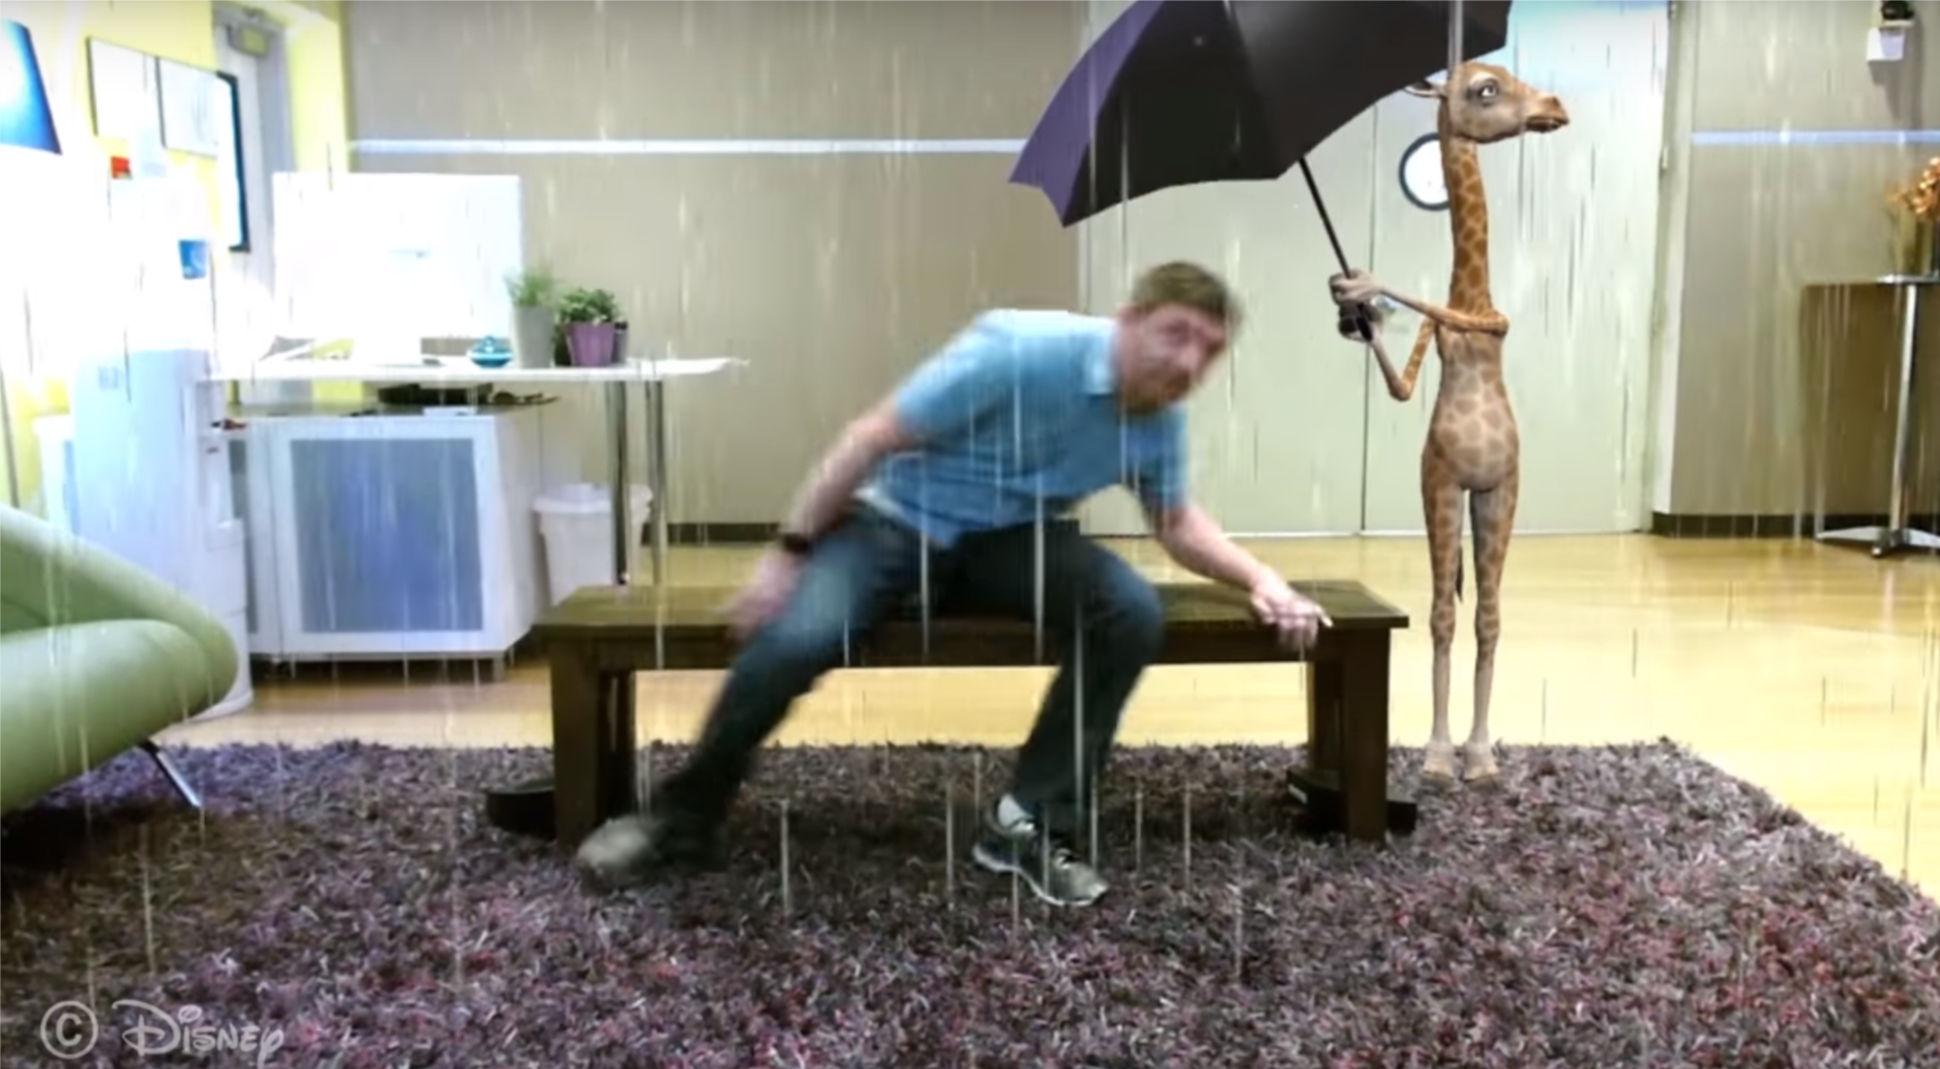 ławka odDisney - prezentacja